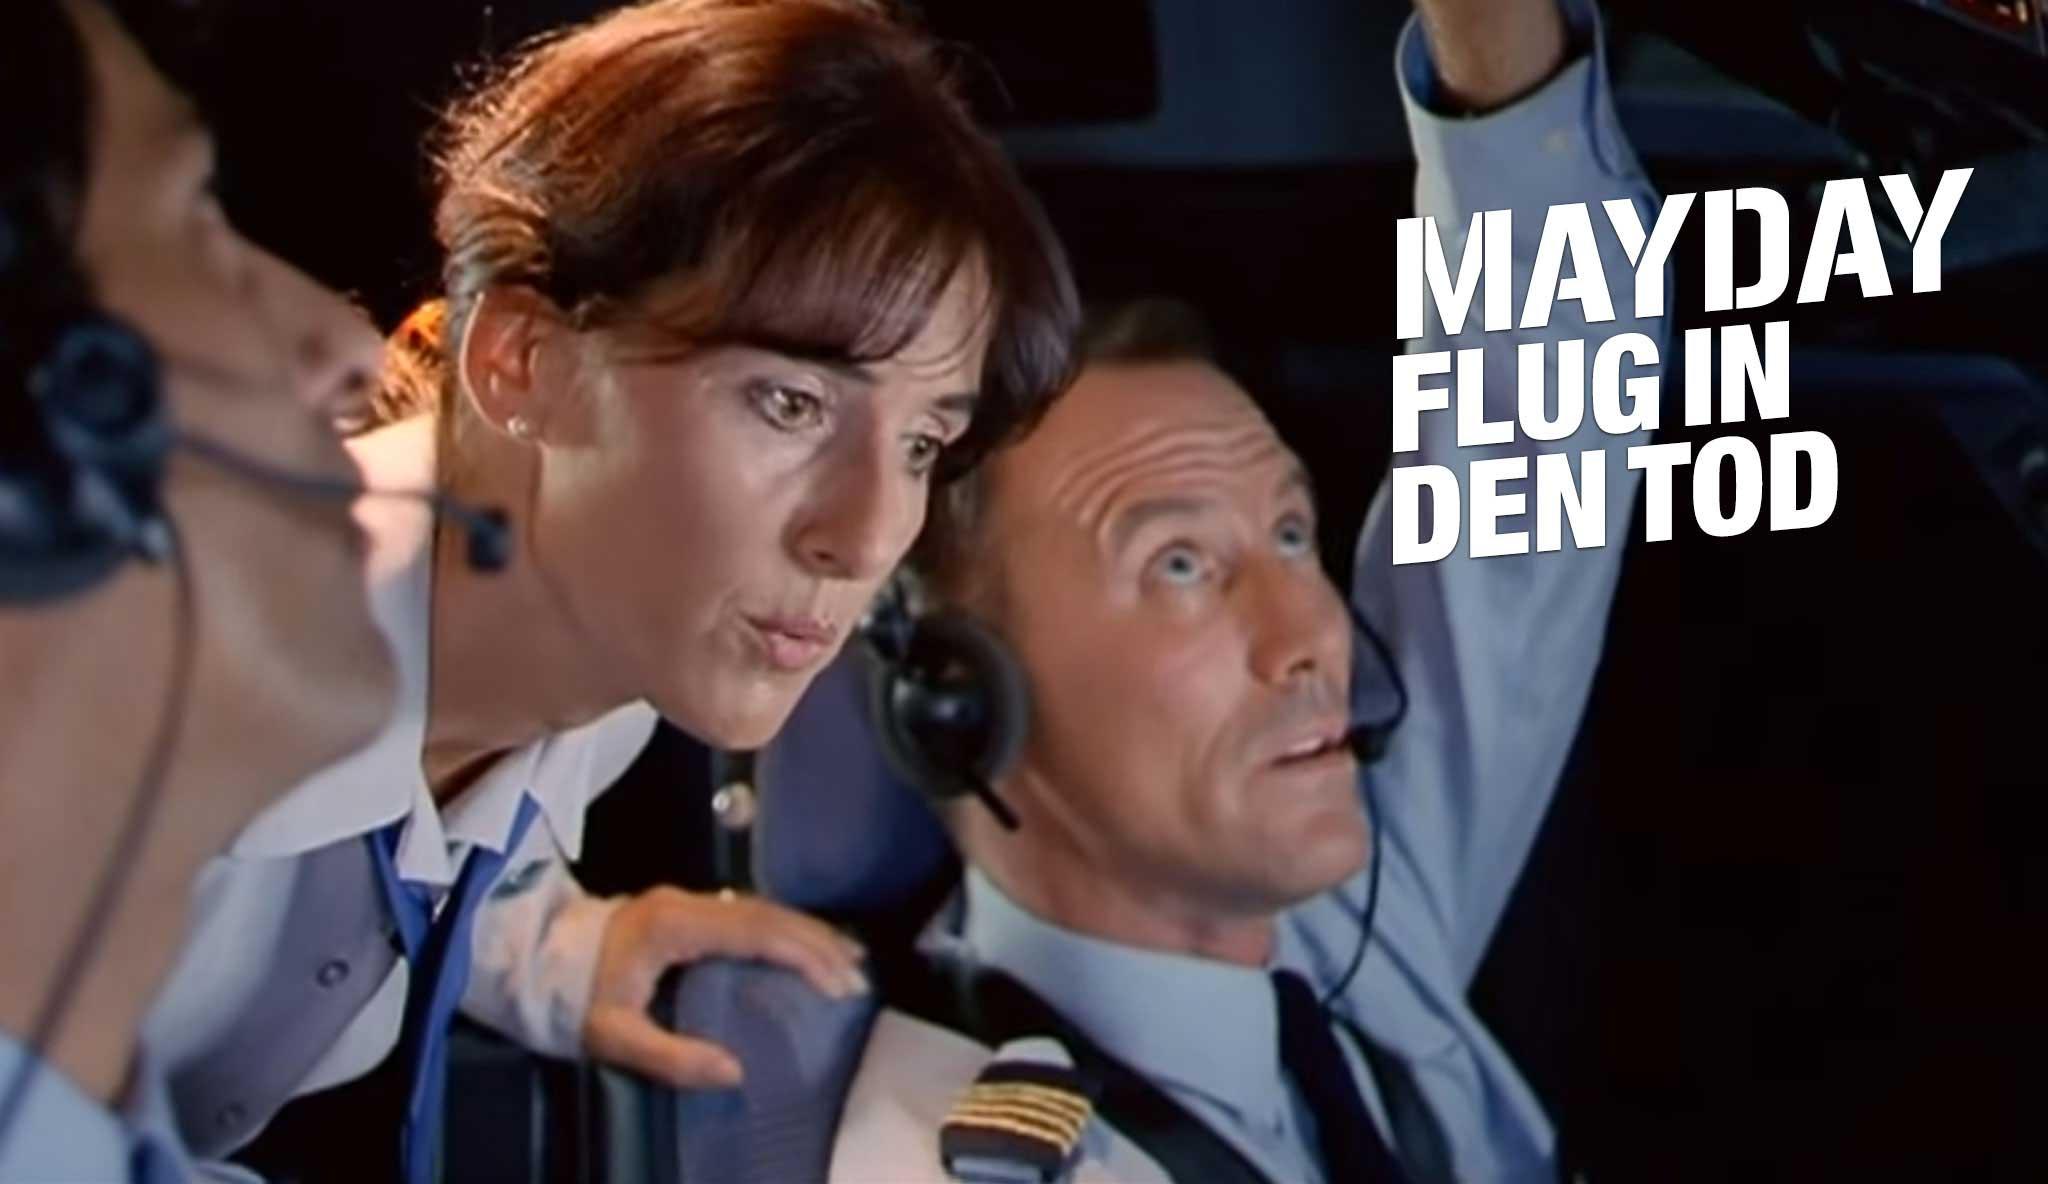 mayday-flug-in-den-tod\header.jpg